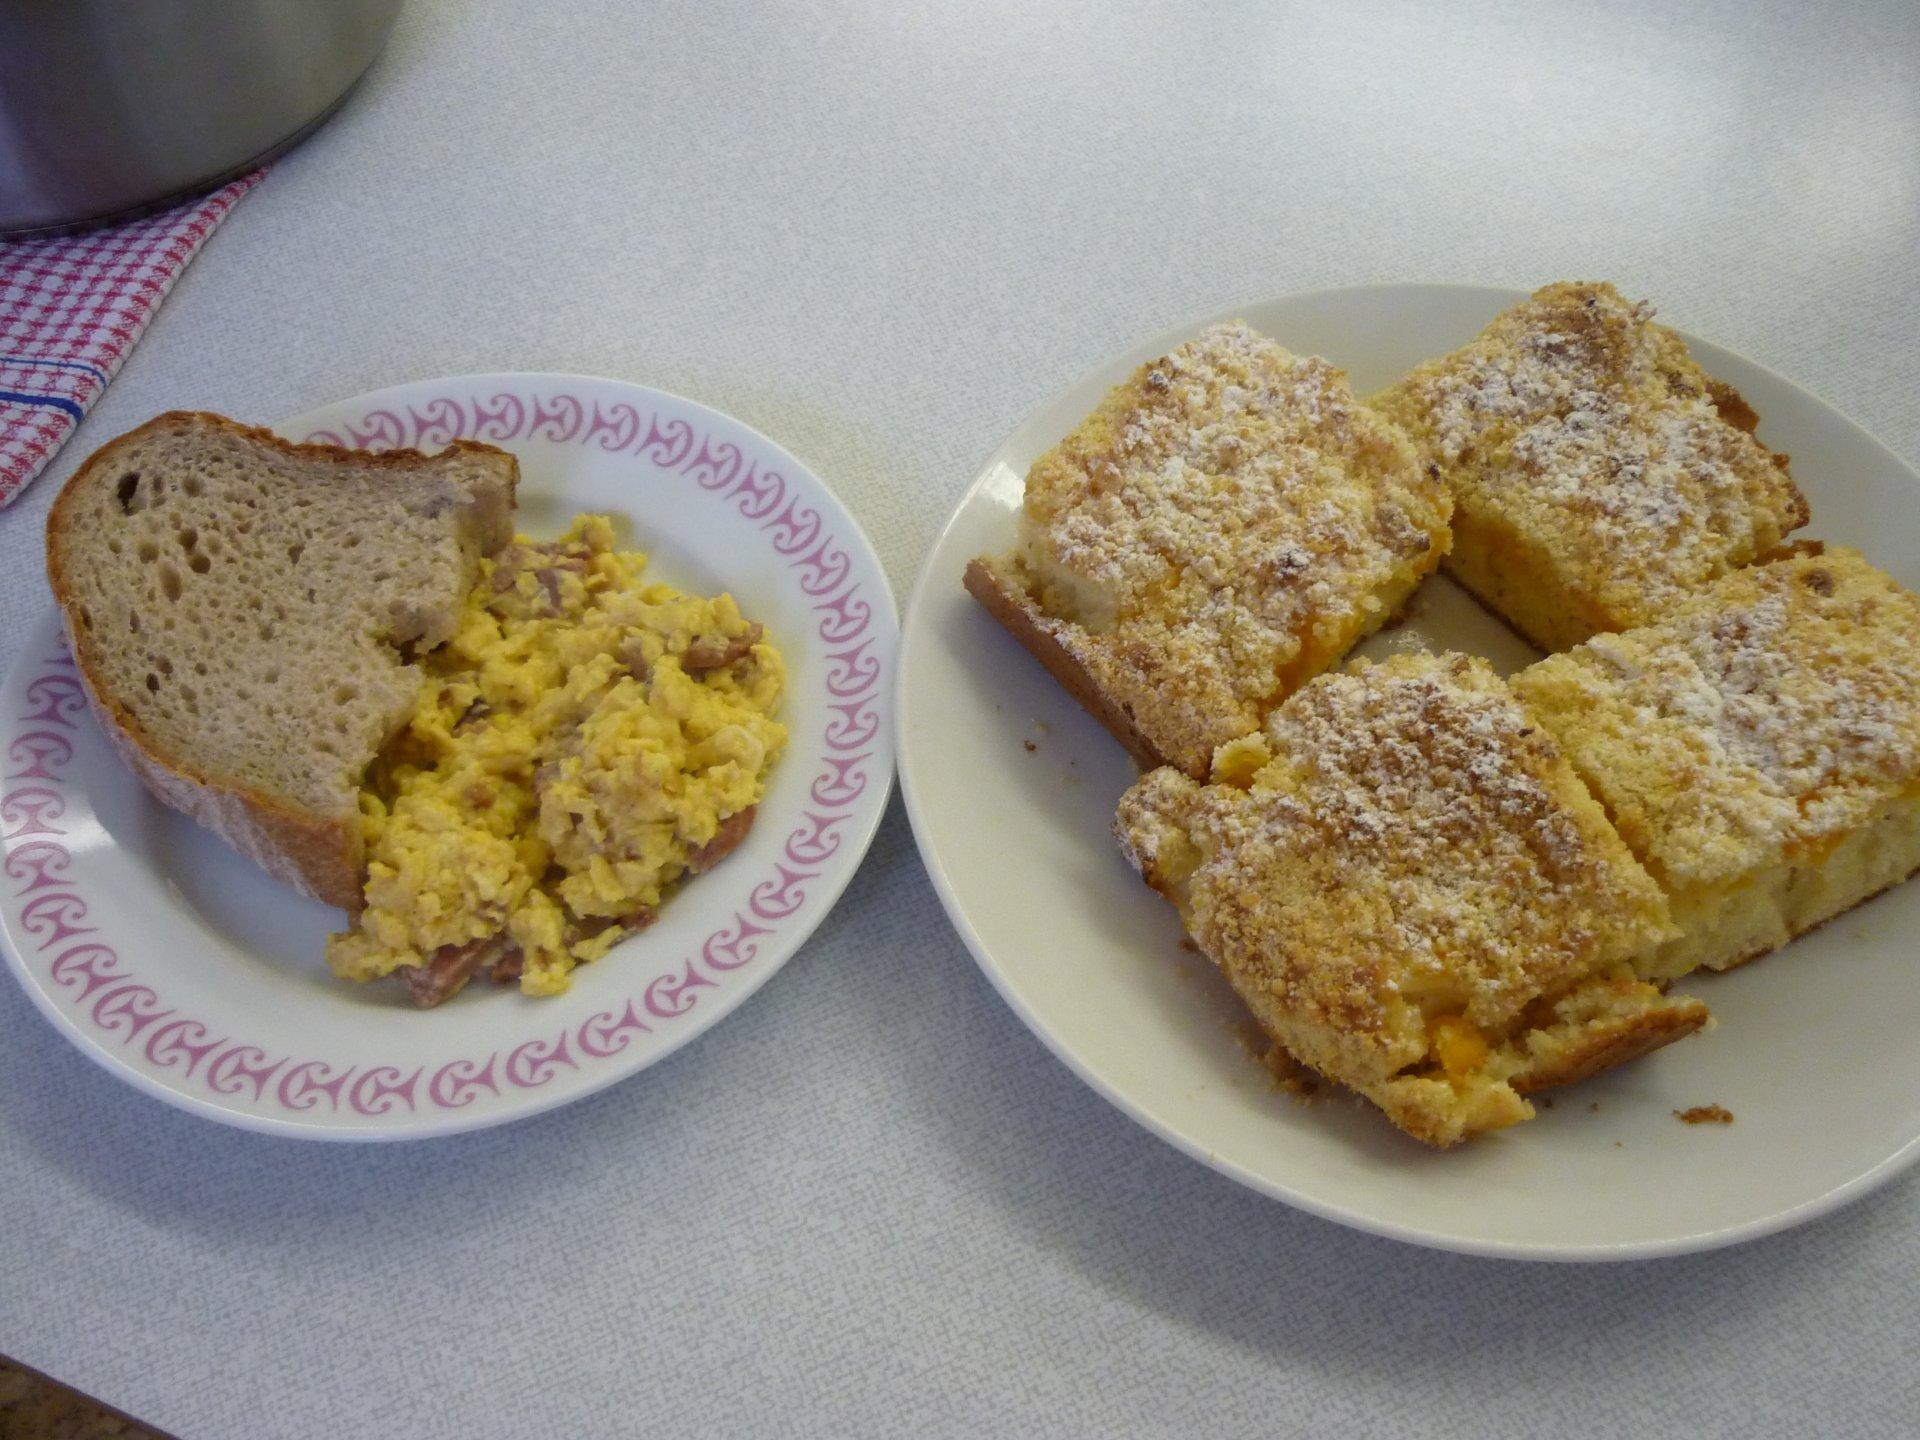 Míchaná vajíčka a ovocný koláč s drobenkou